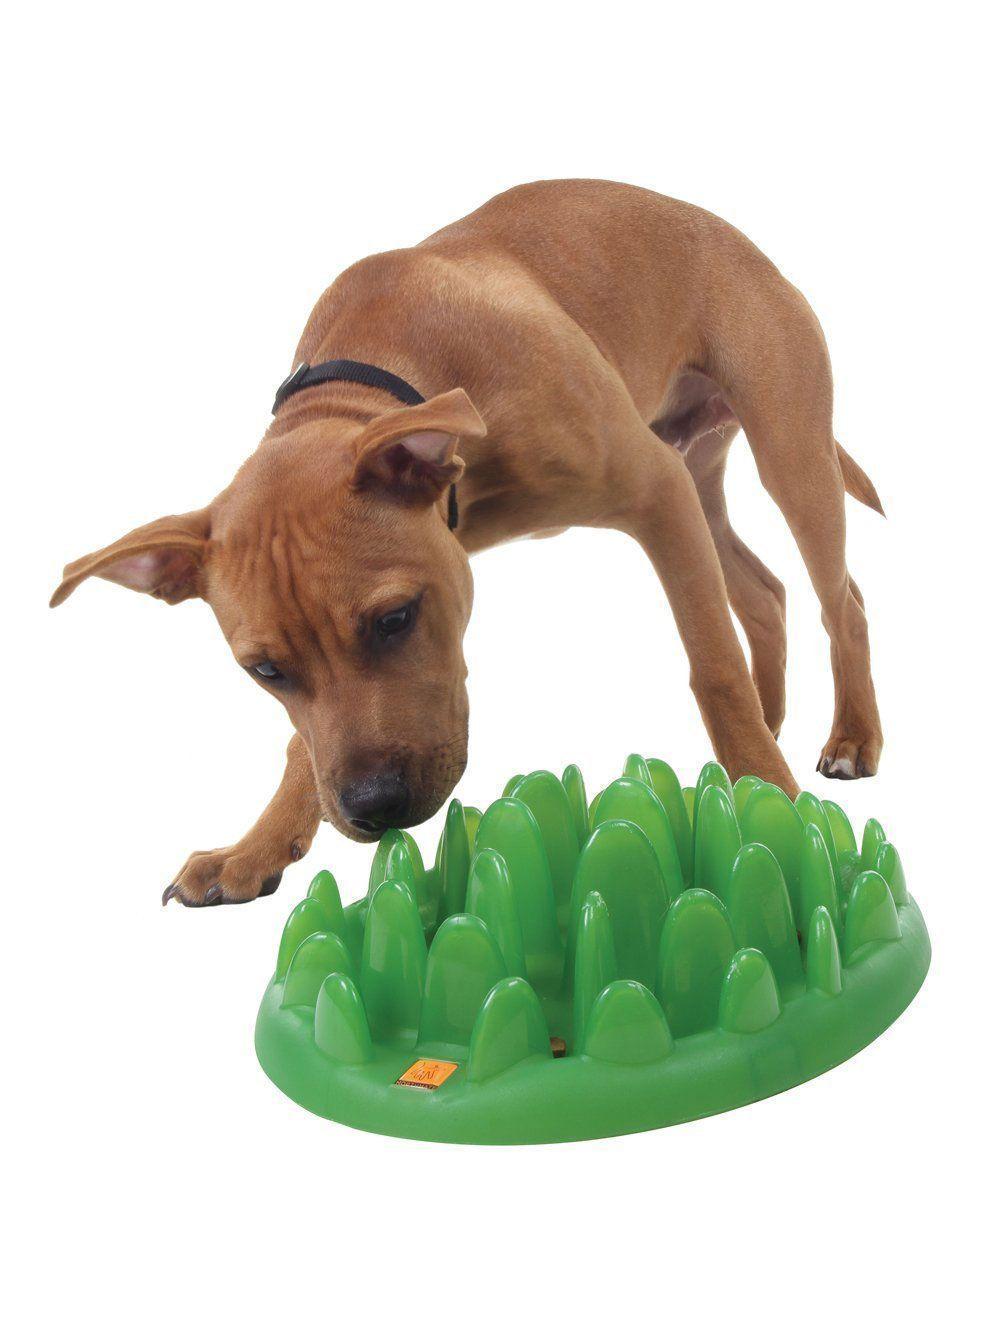 Comedero de alimentación lenta para perros Green slow feeder